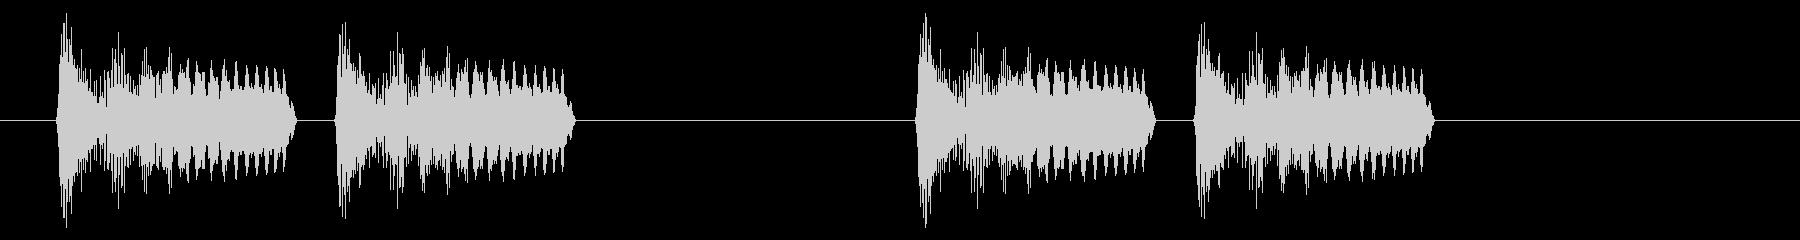 緊急アラート02-1の未再生の波形